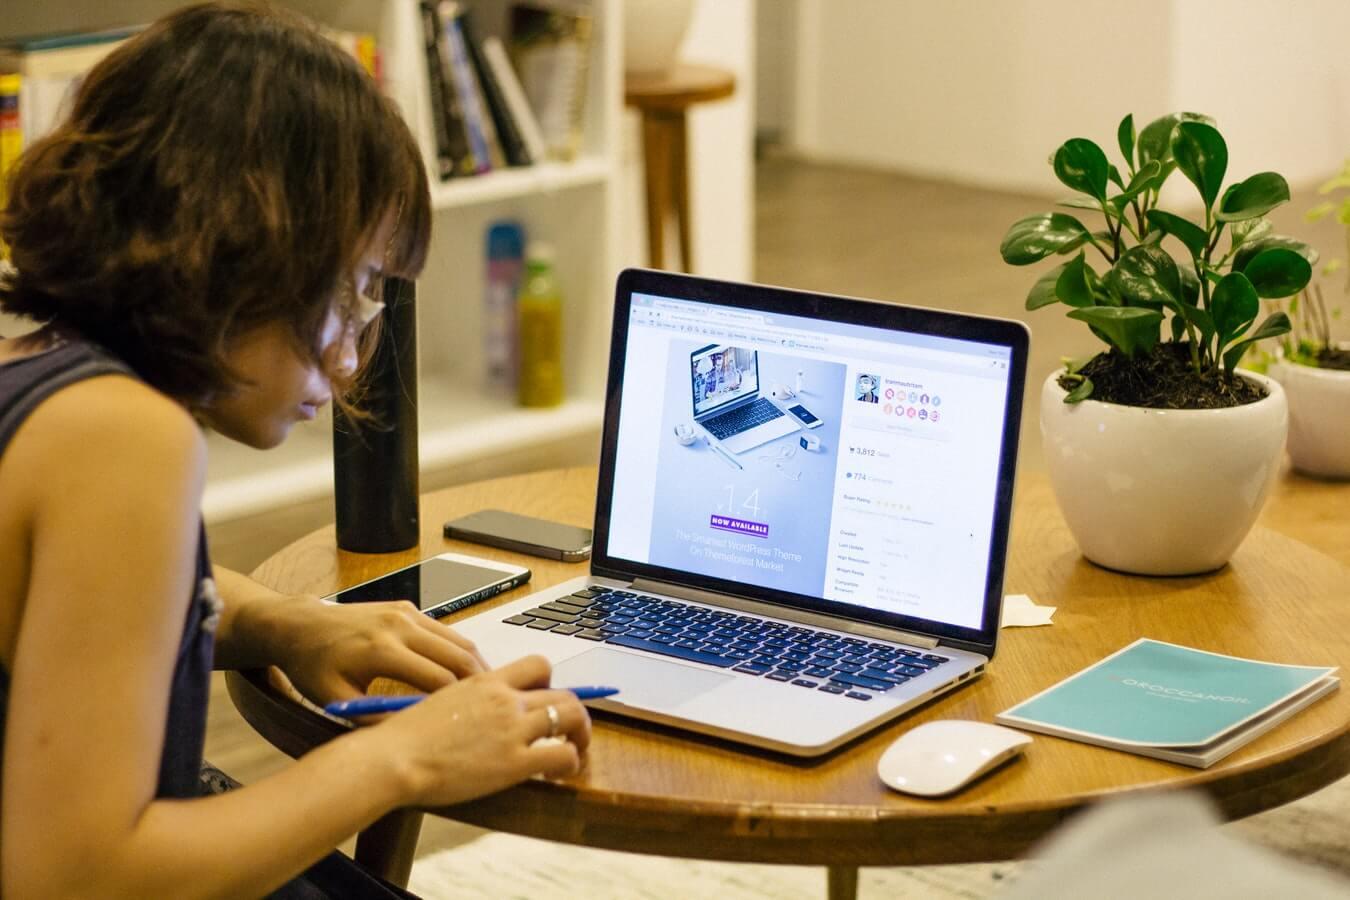 Як знайти роботу в Інтернеті без обману?